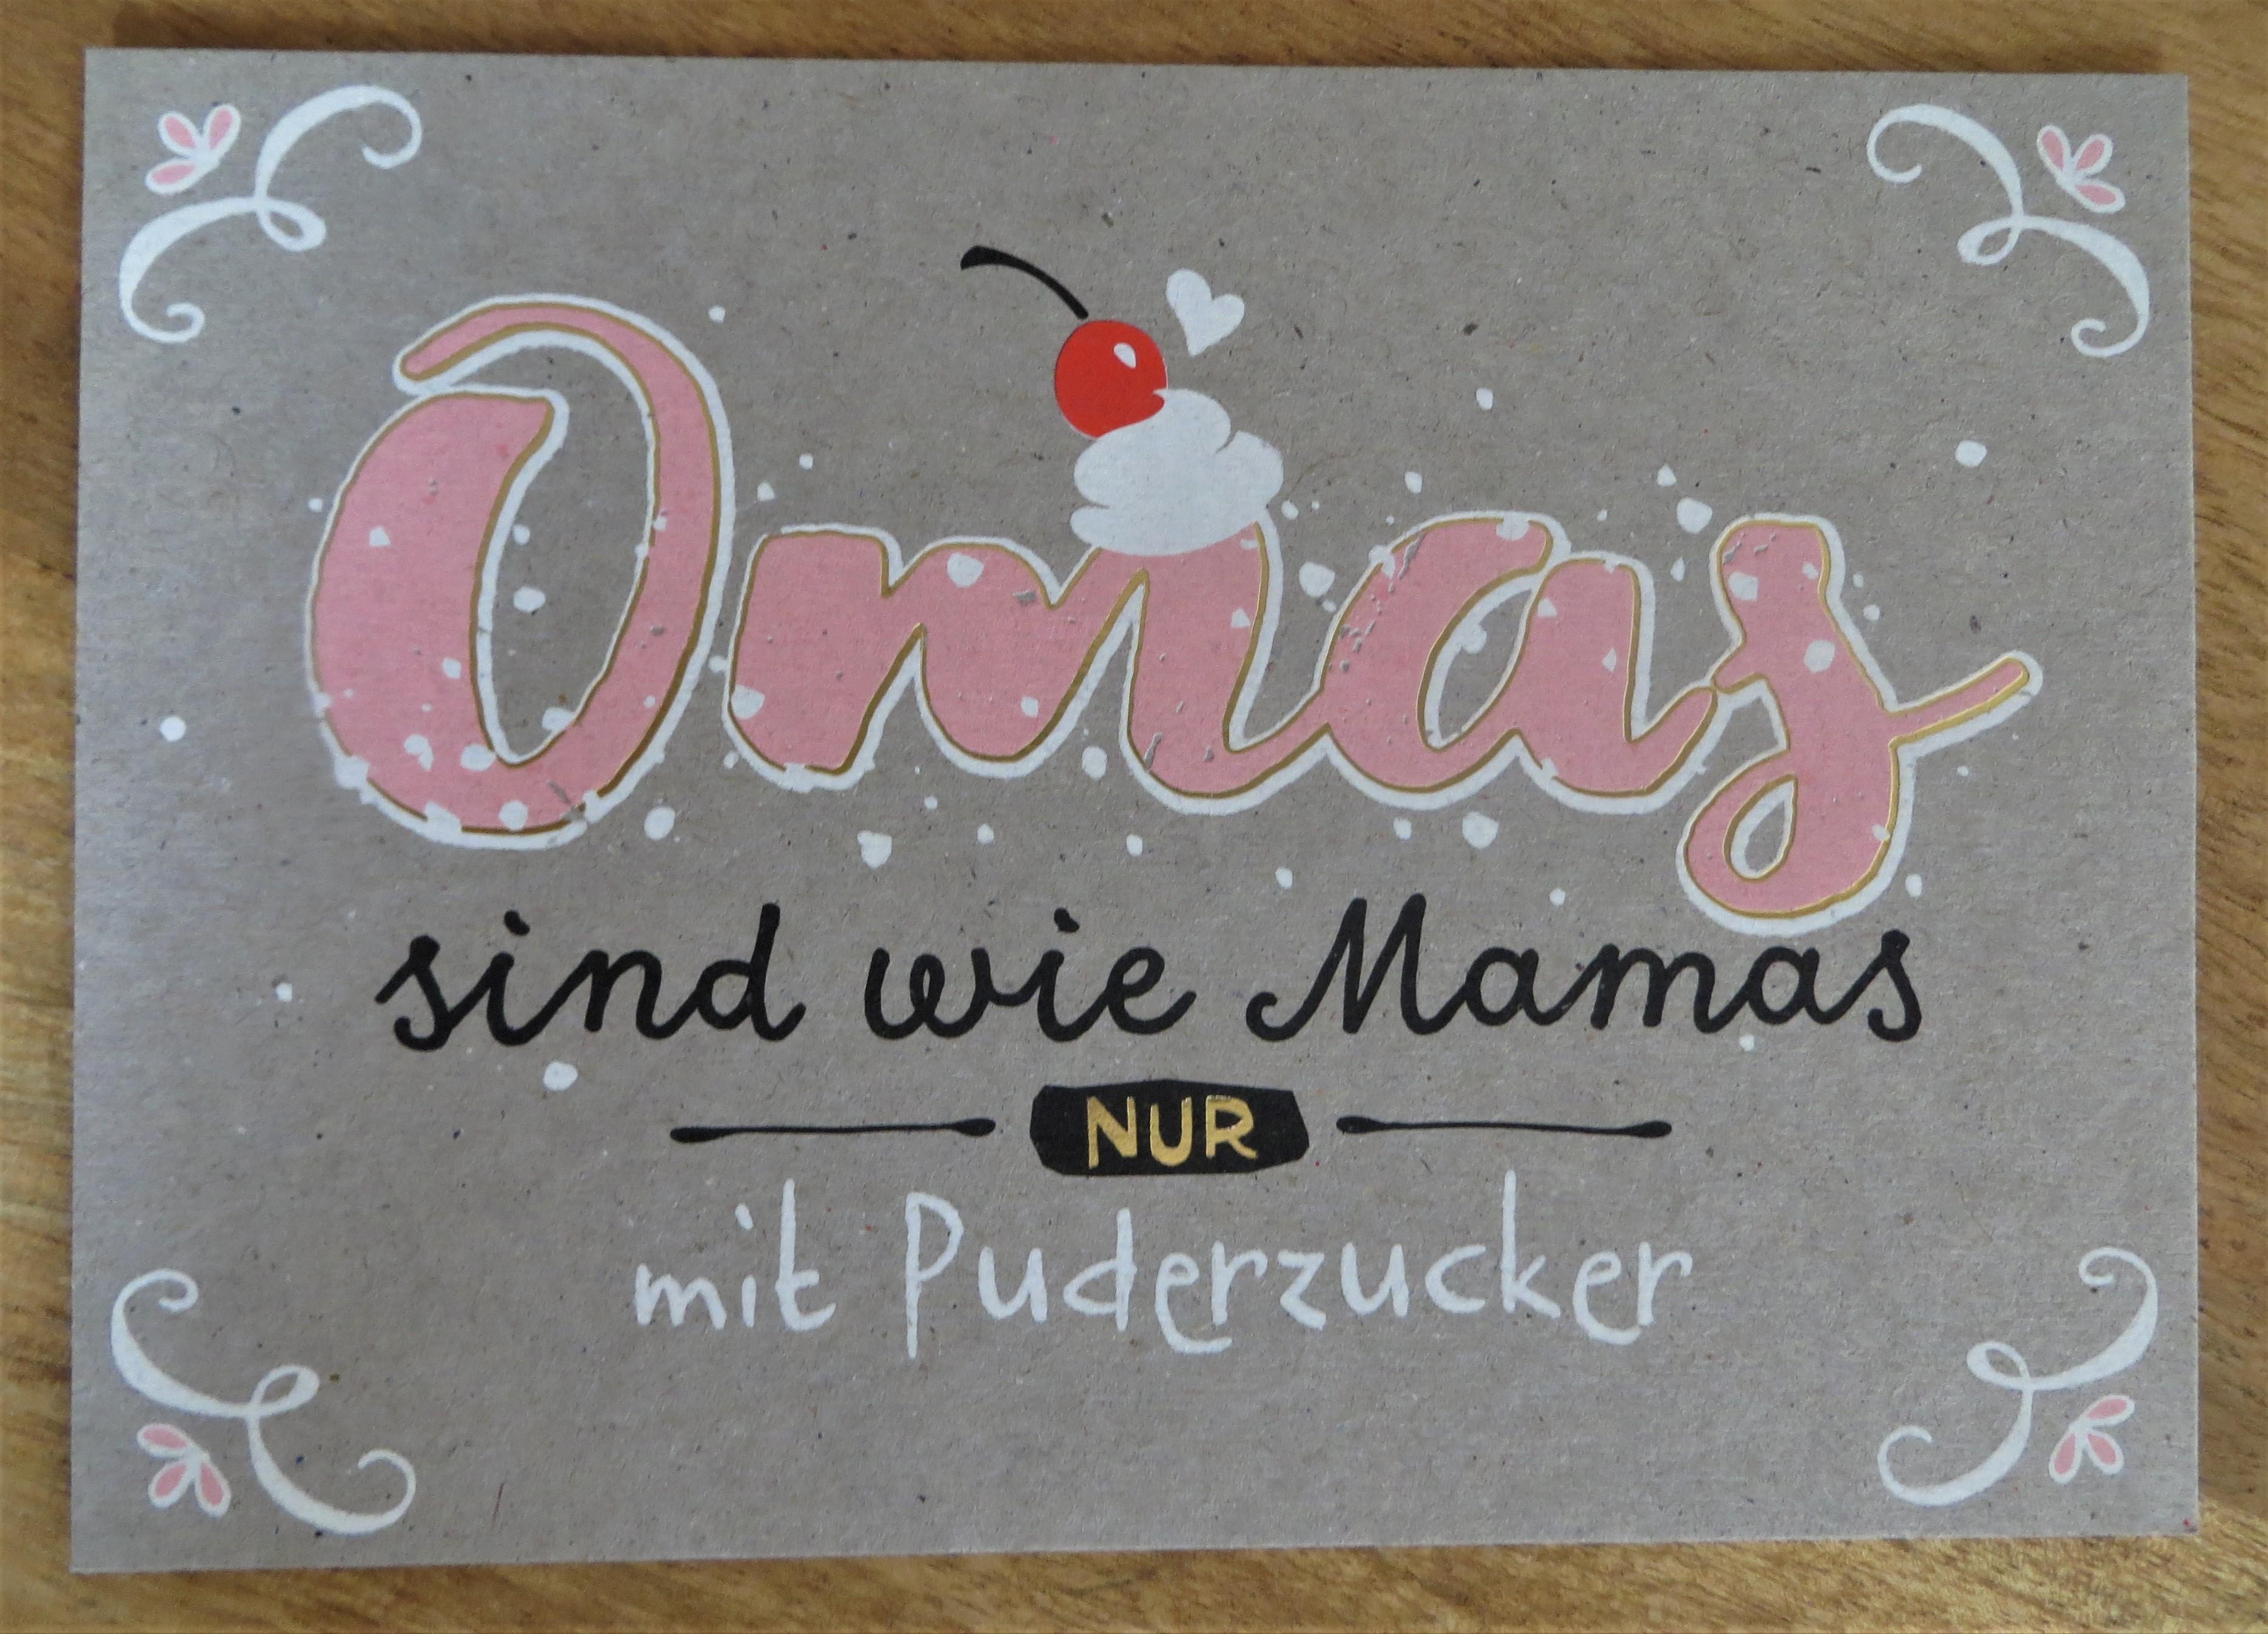 Nützlichgrusskarten - Postkarte Omas sind wie Mamas NUR mit Puderzucker Panda KUNST und BILD - Onlineshop Tante Emmer